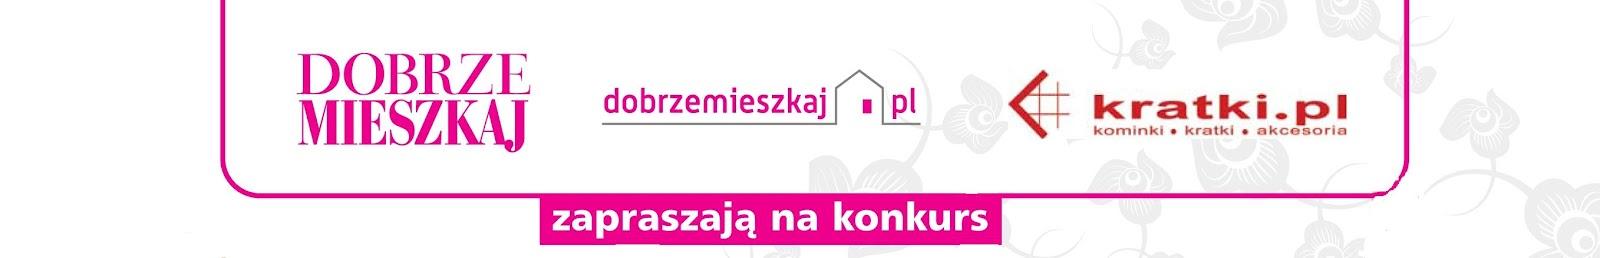 Dobrze mieszkaj a mo e by tak wygra nagrod for Biokominek w portalu